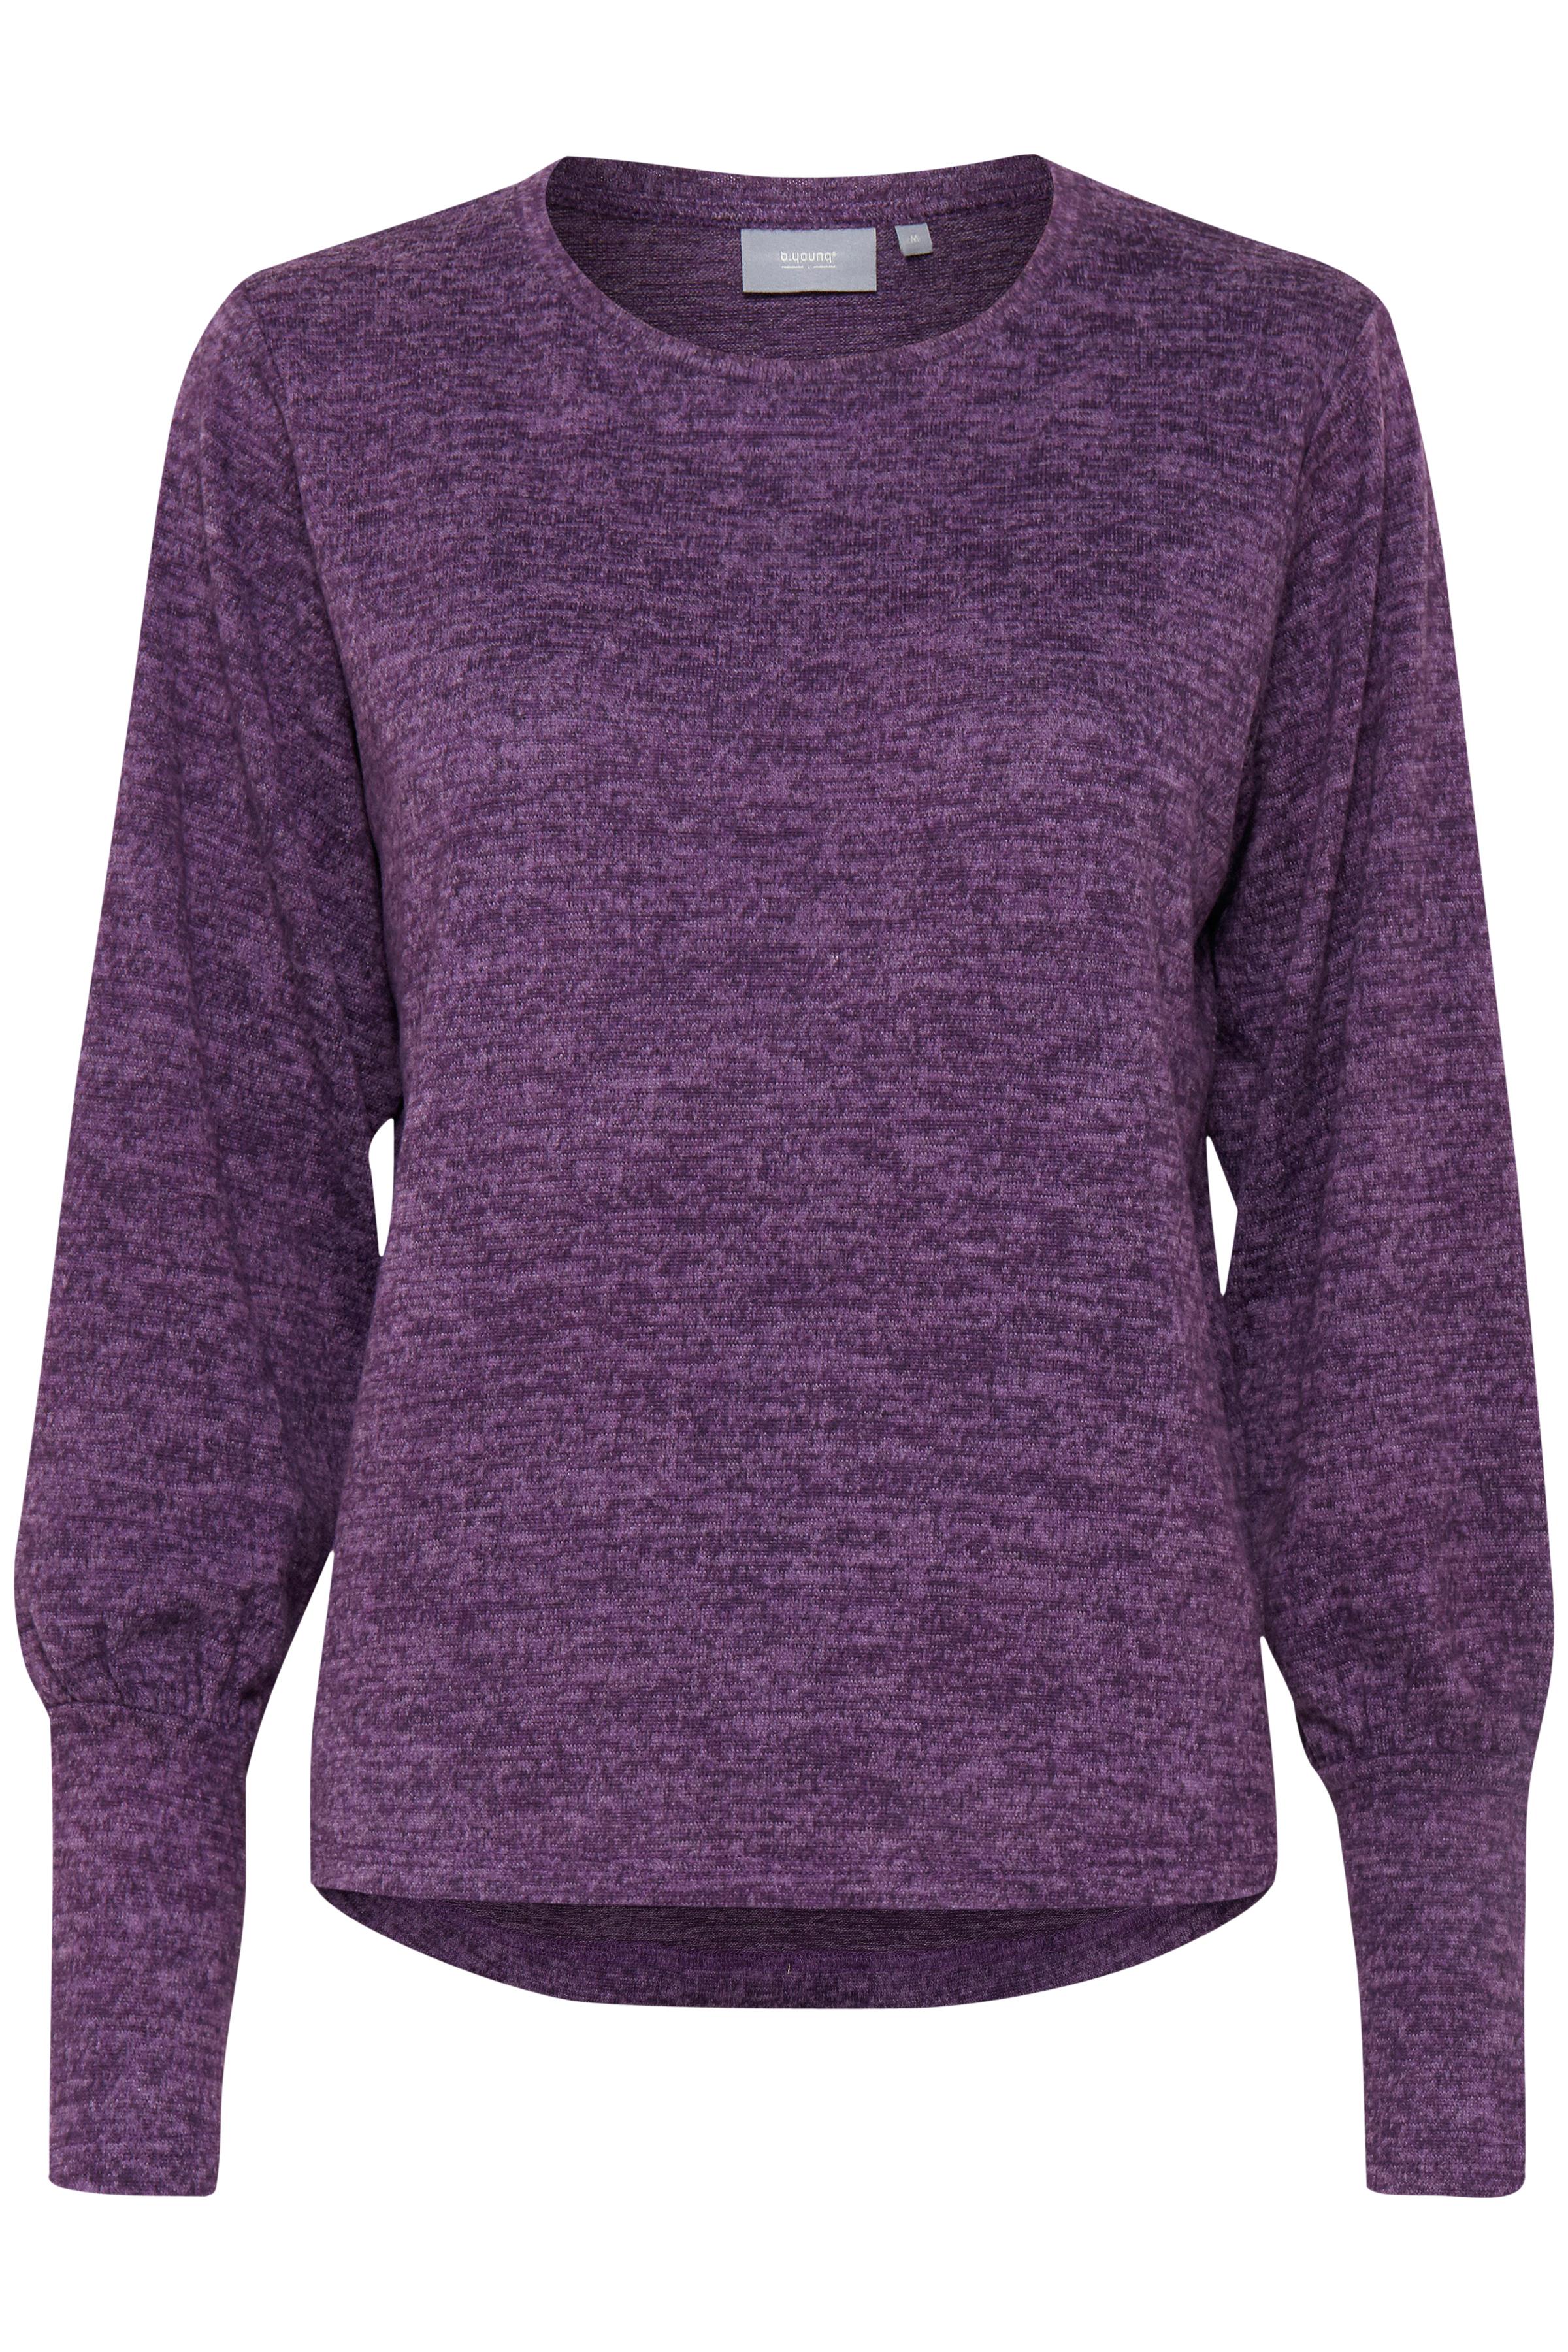 Imperial Purple Mel.